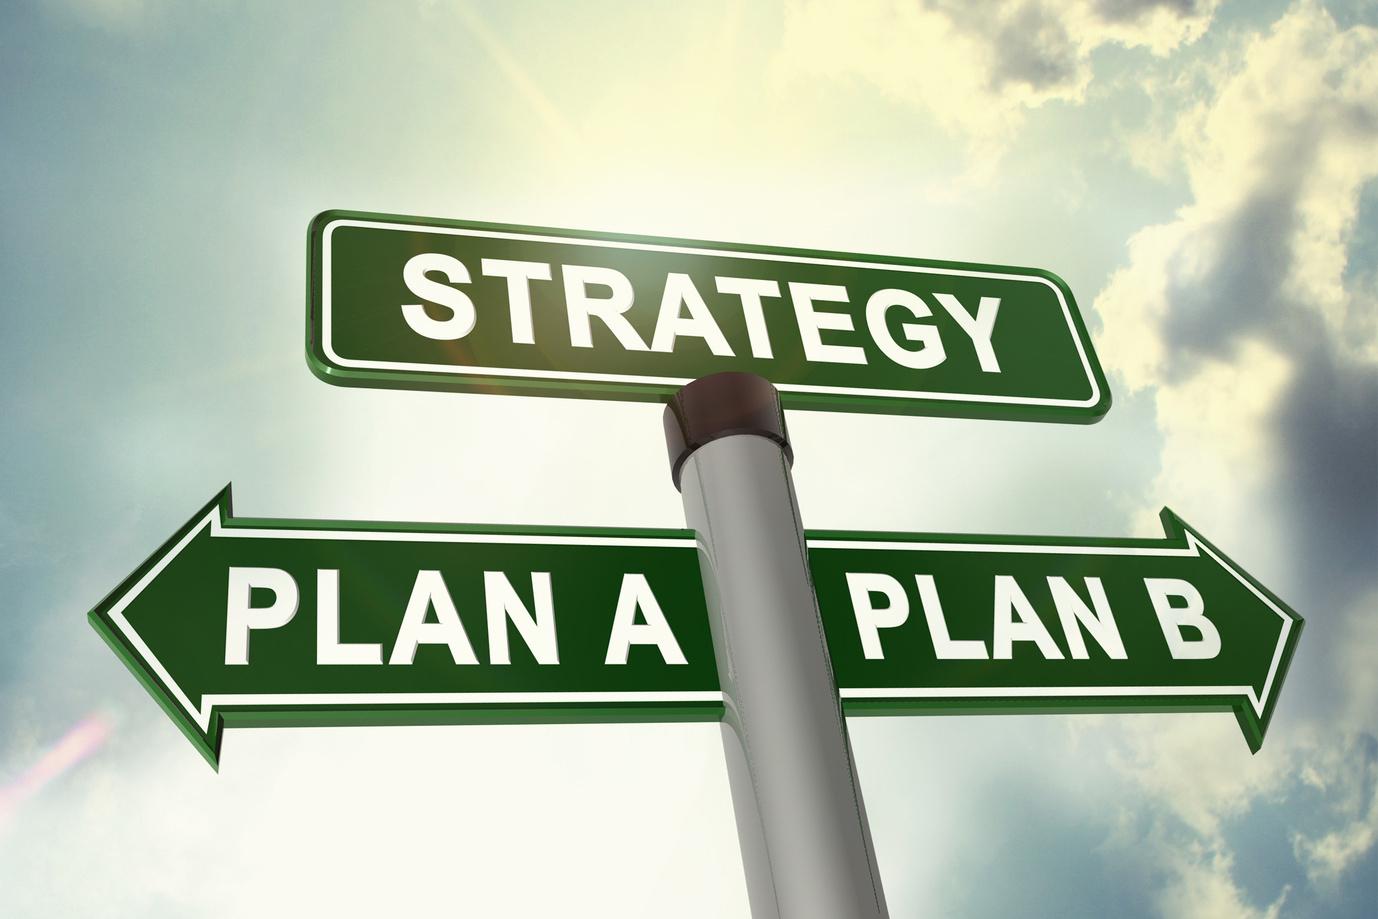 Стратегия — это маршрутная карта из пункта А в пункт Б, на которой отмечены ключевые способы достижения цели